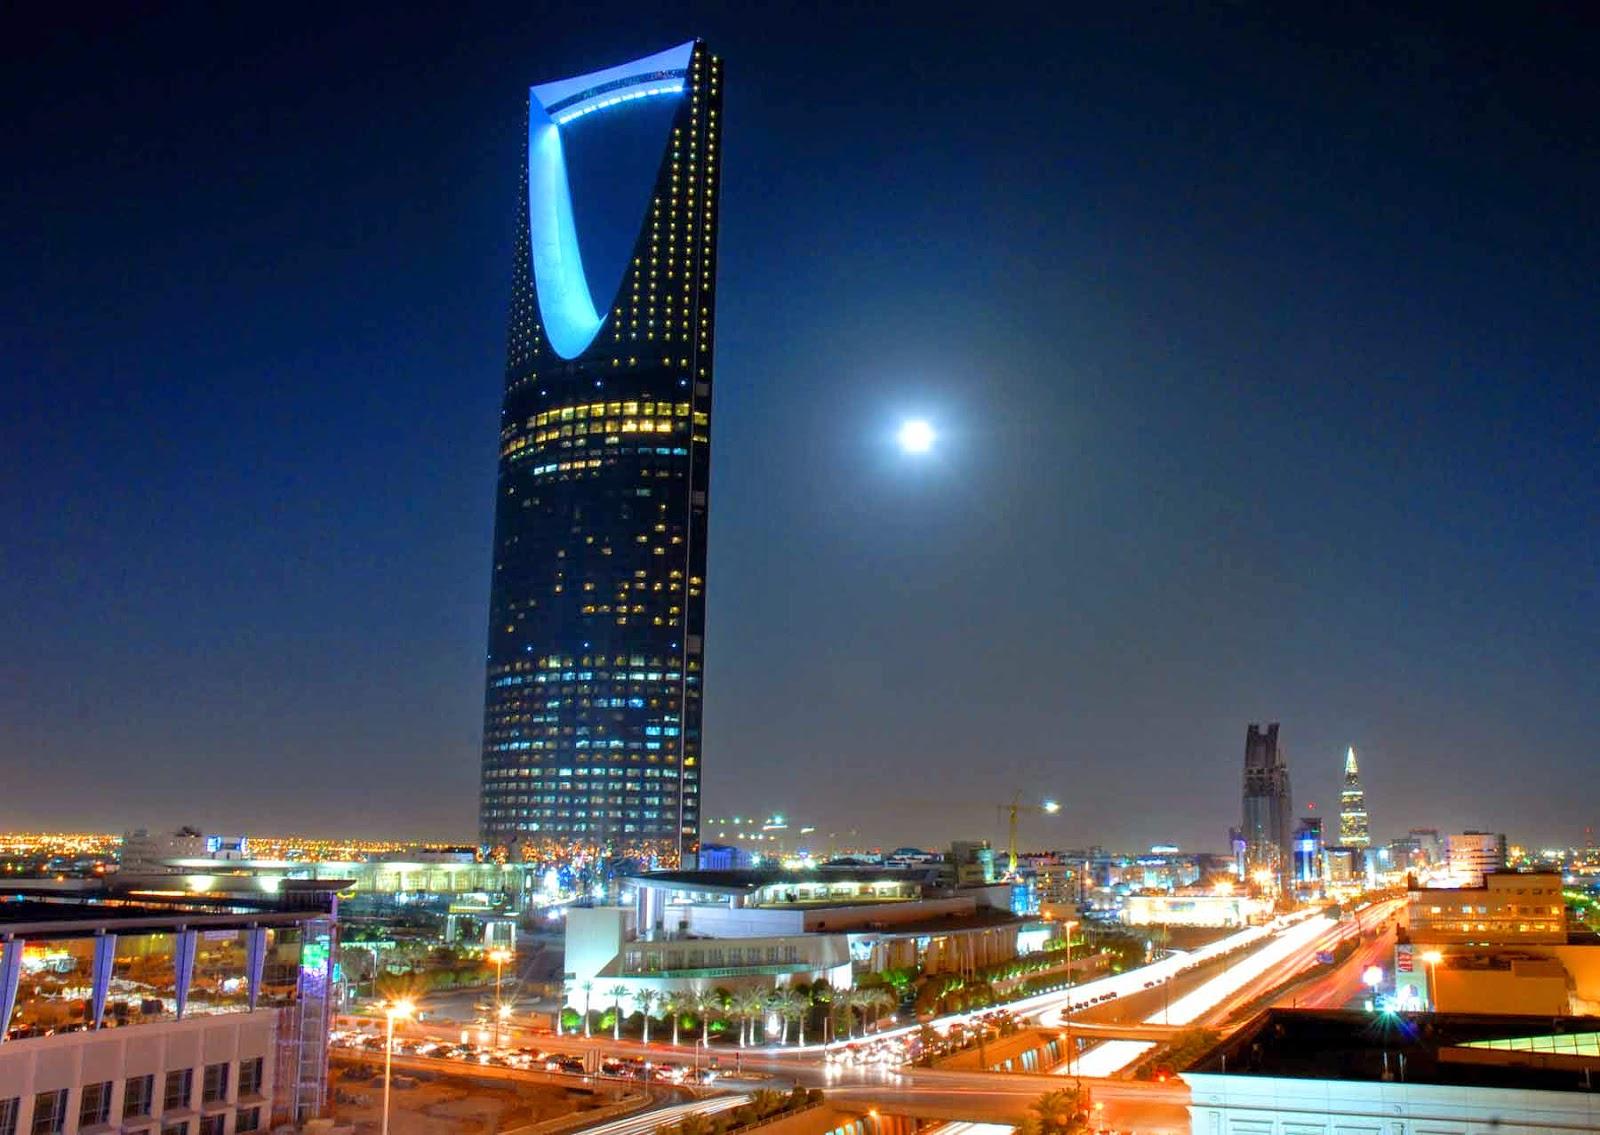 برج المملكة في الرياض المملكة العربية السعودية